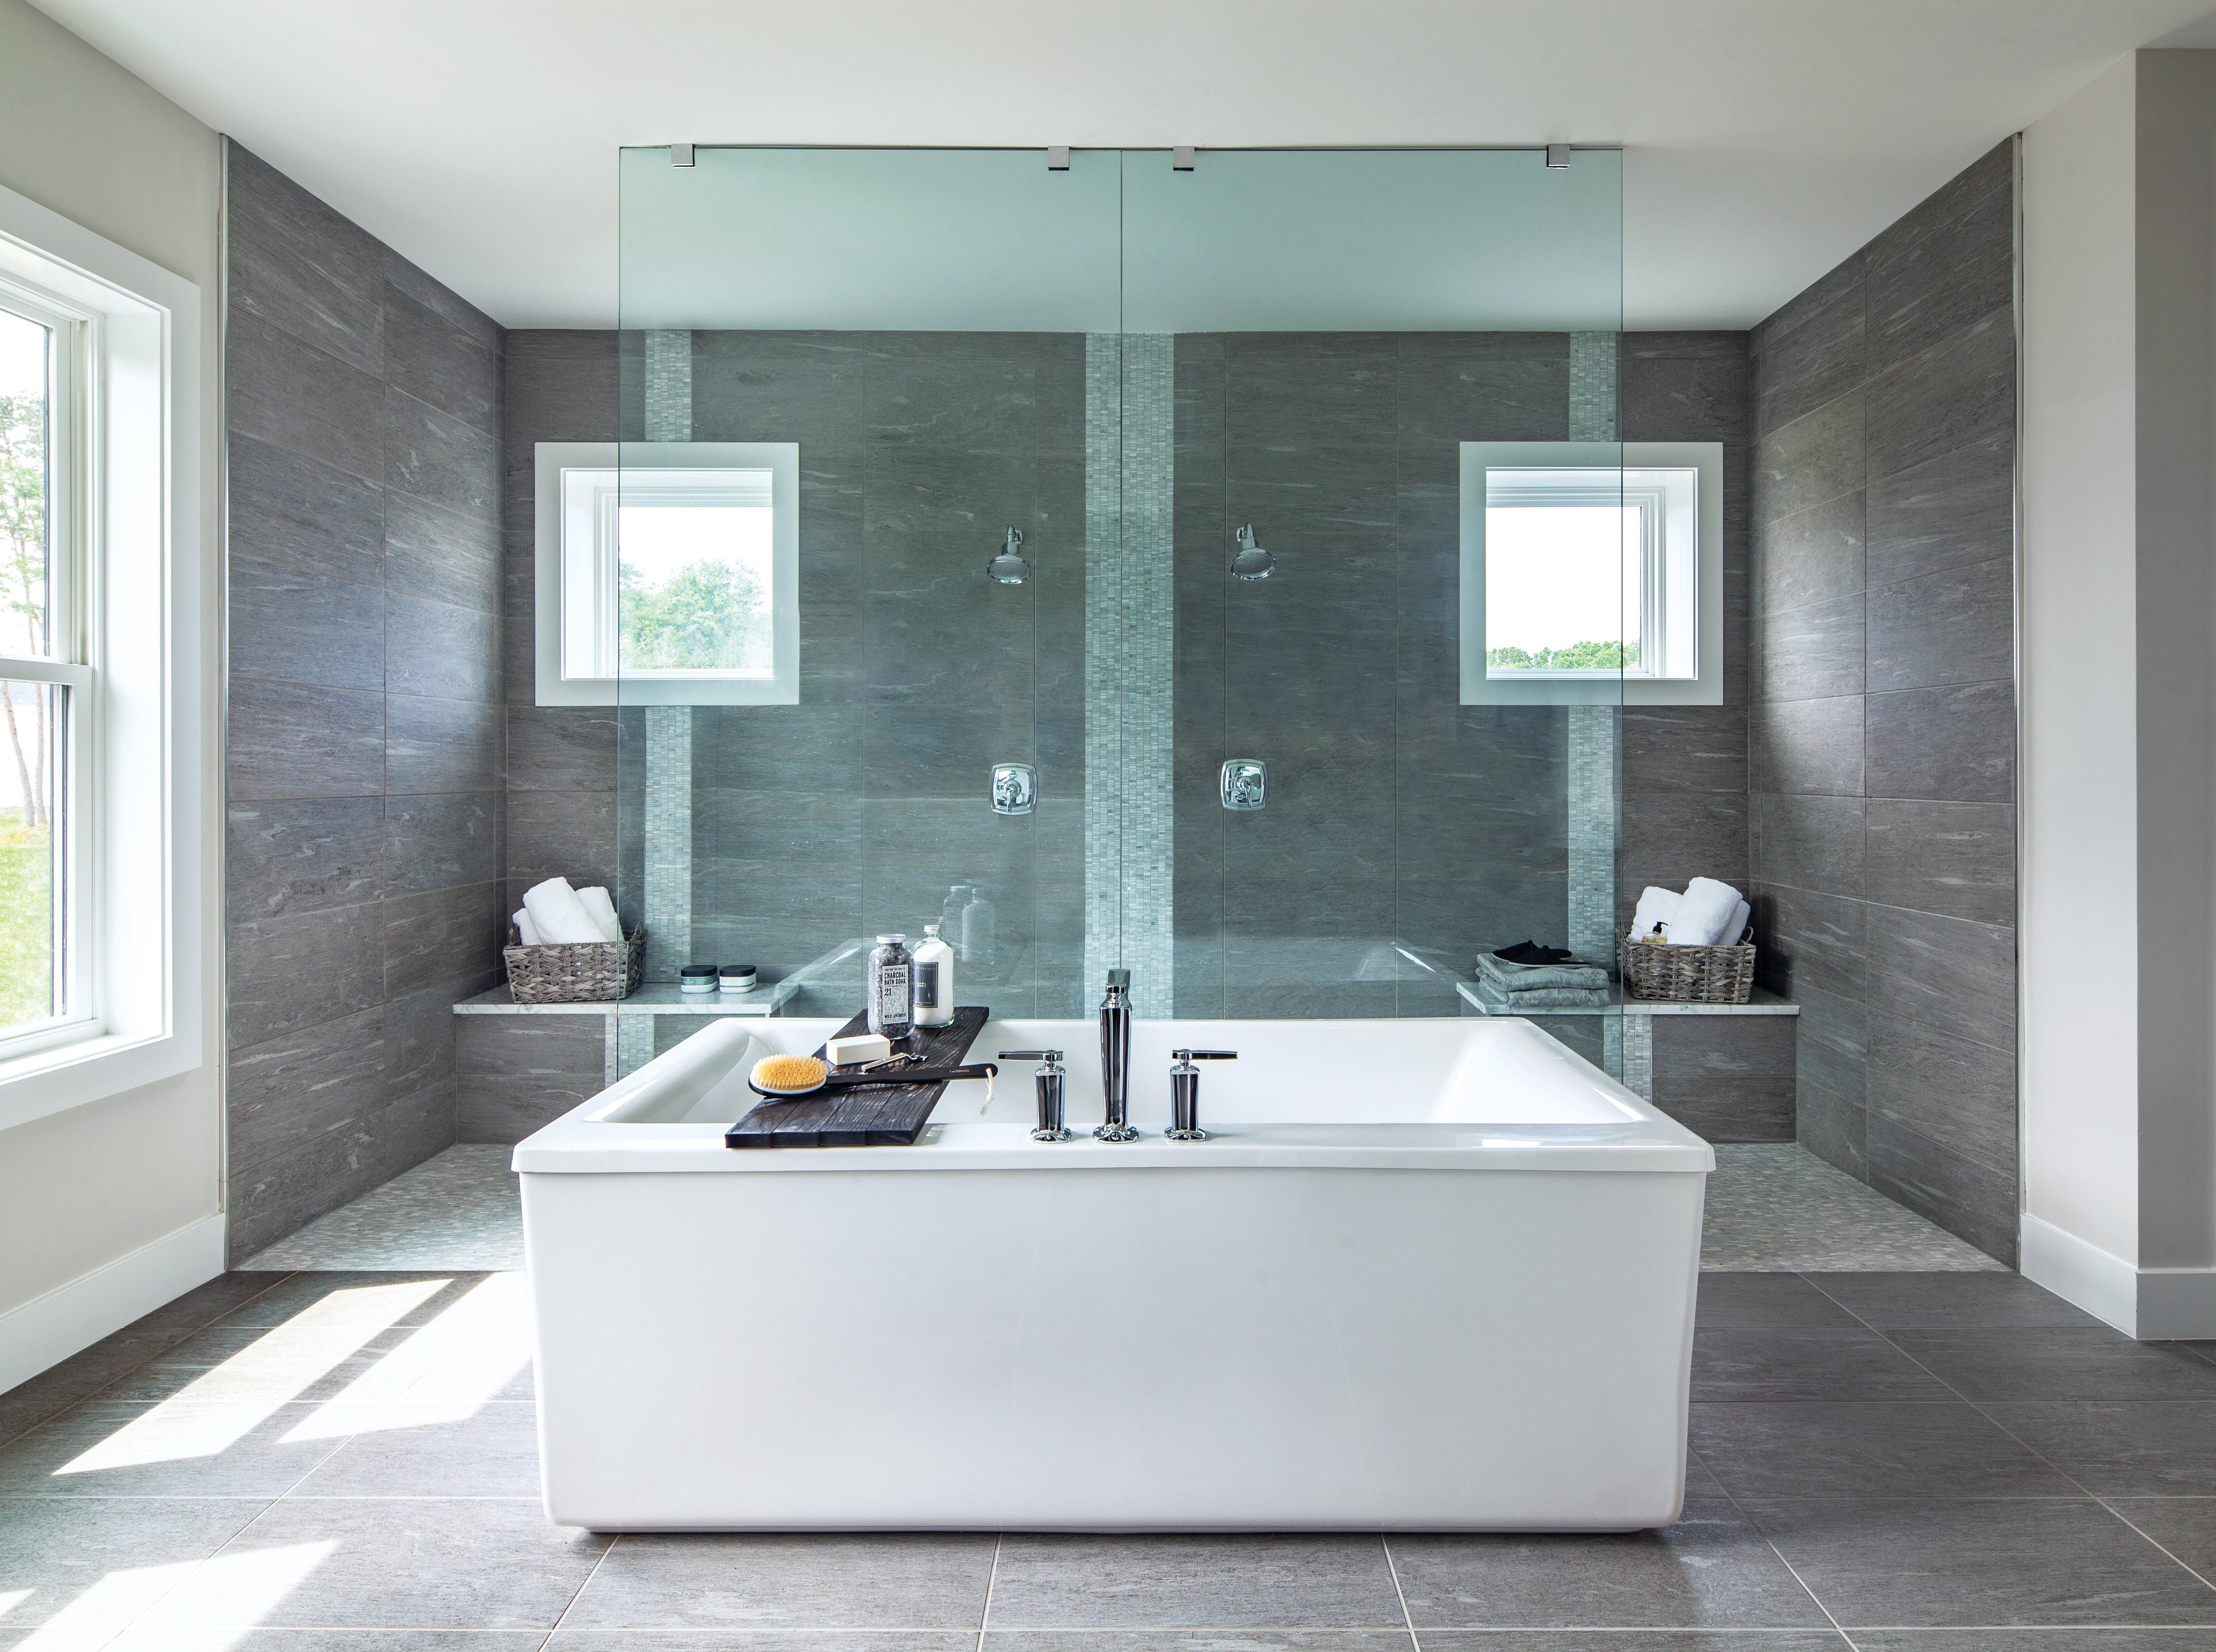 Modern bathroom with free standing bathtub.